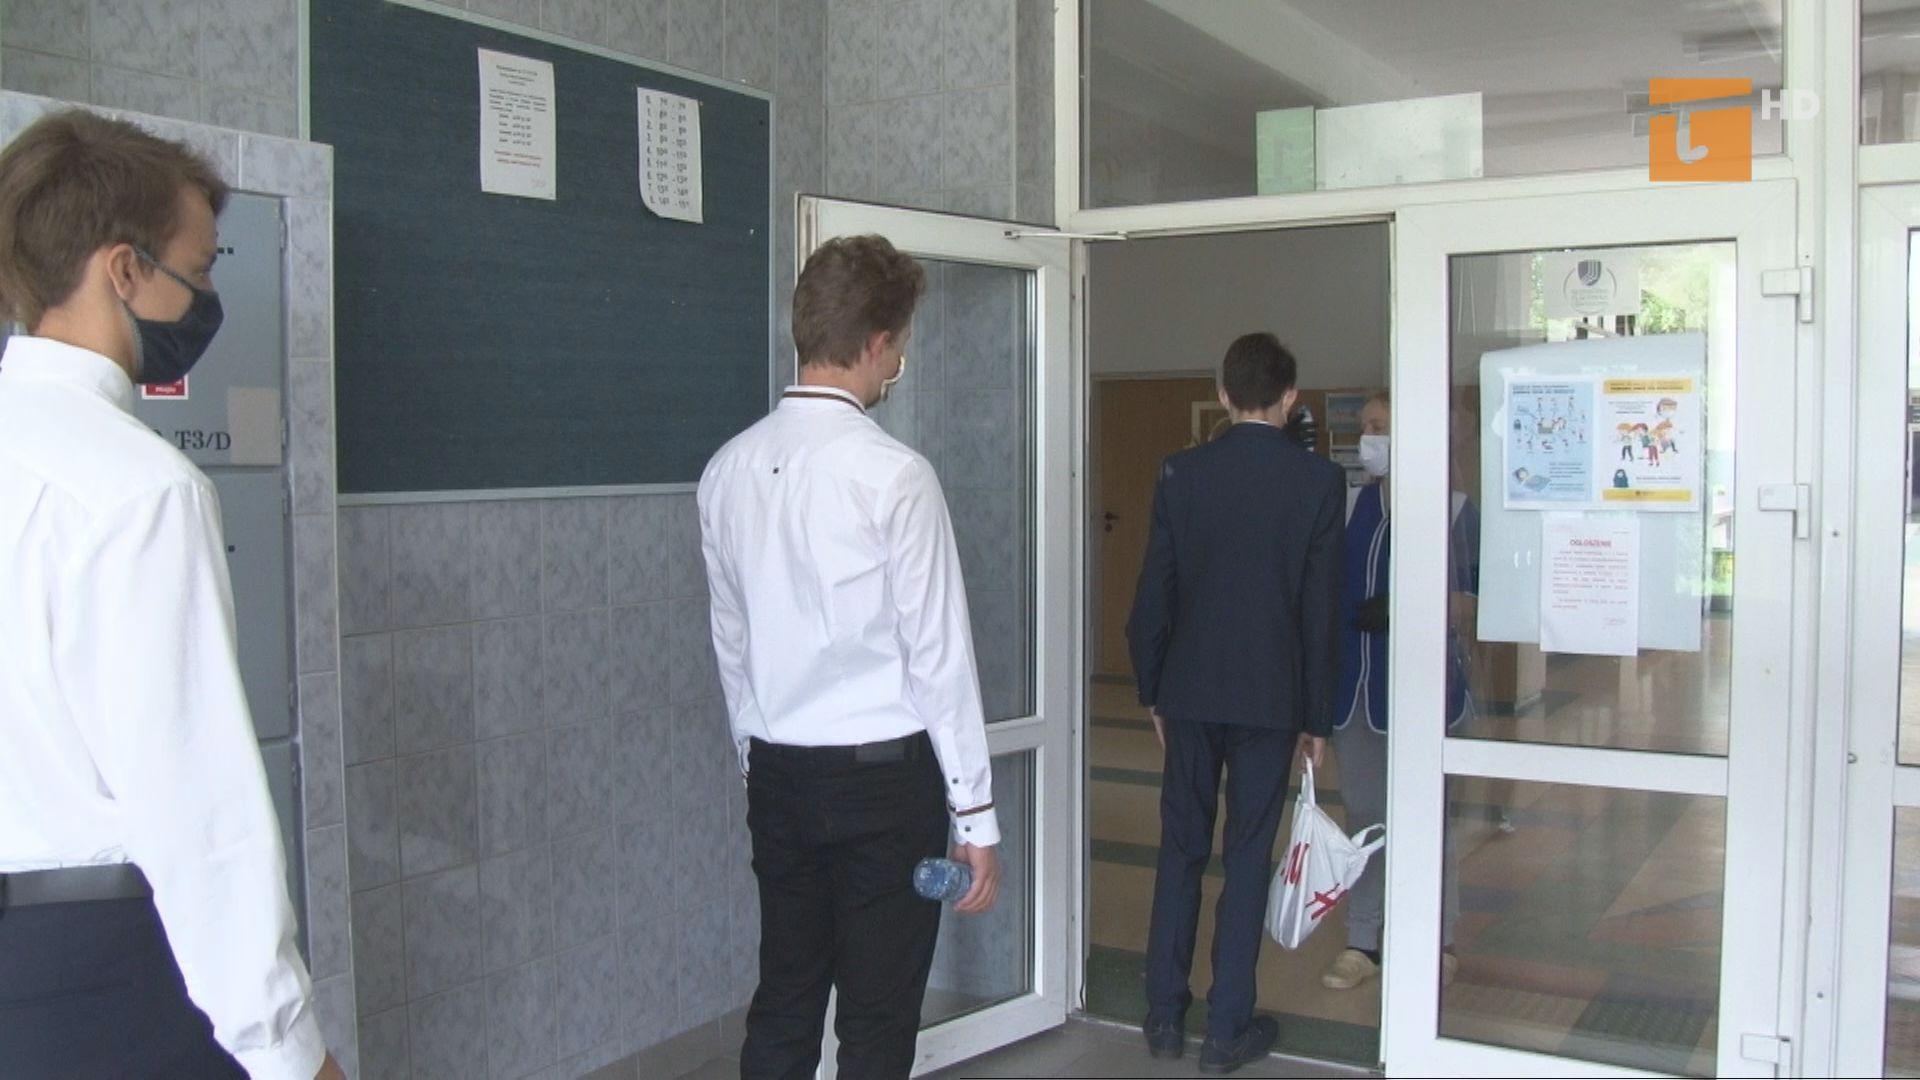 Egzaminy ósmoklasisty odbywają się w reżimie sanitarnym